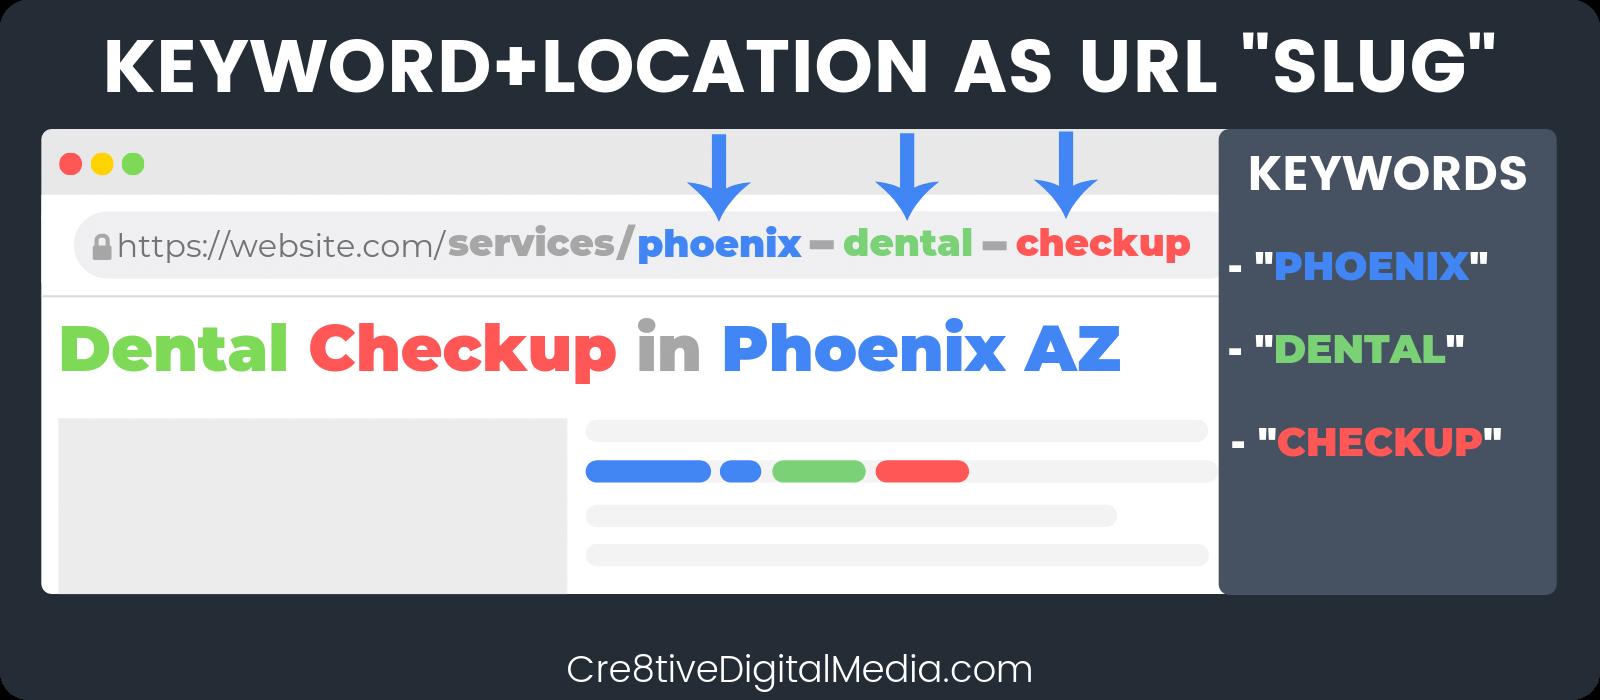 Use Keyword+Location in URL